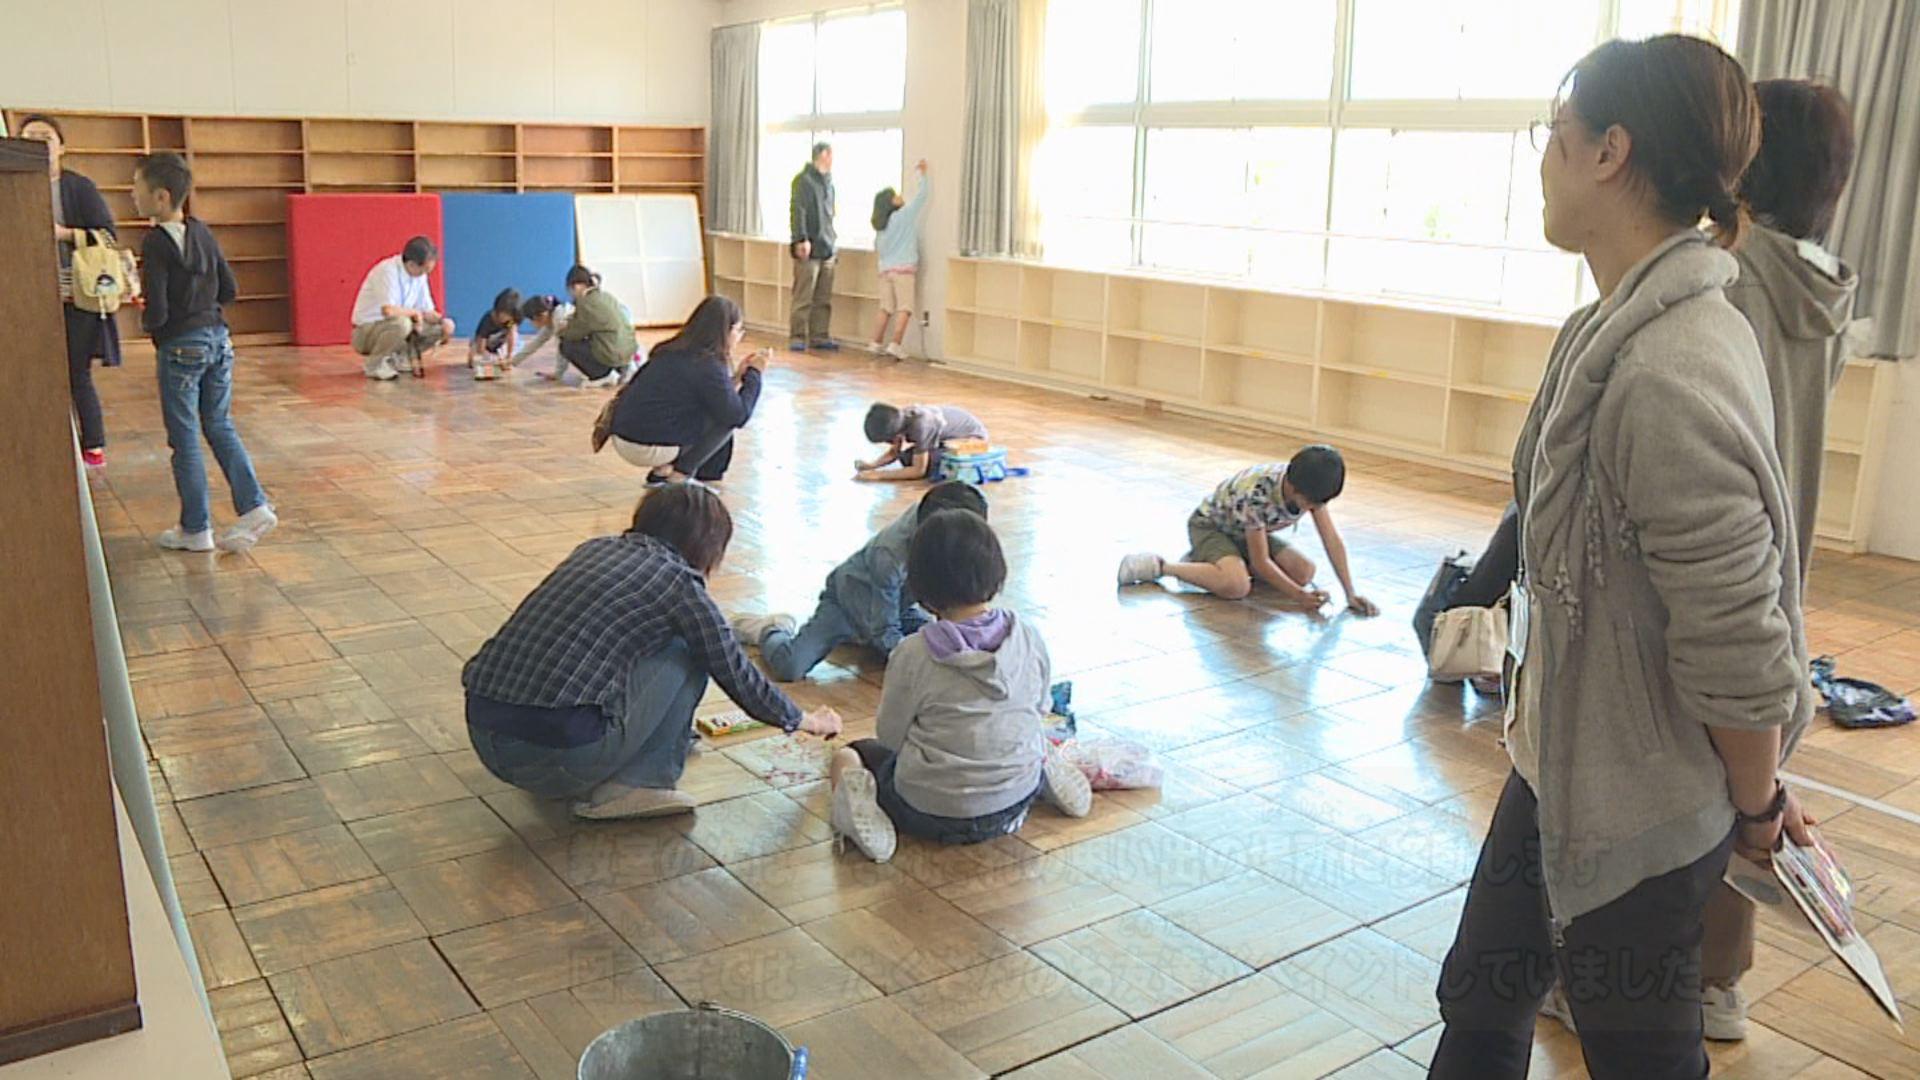 7月1日〜放送 みんなの世界「高畠町立屋代小学校 校舎お別れペインティング」:画像